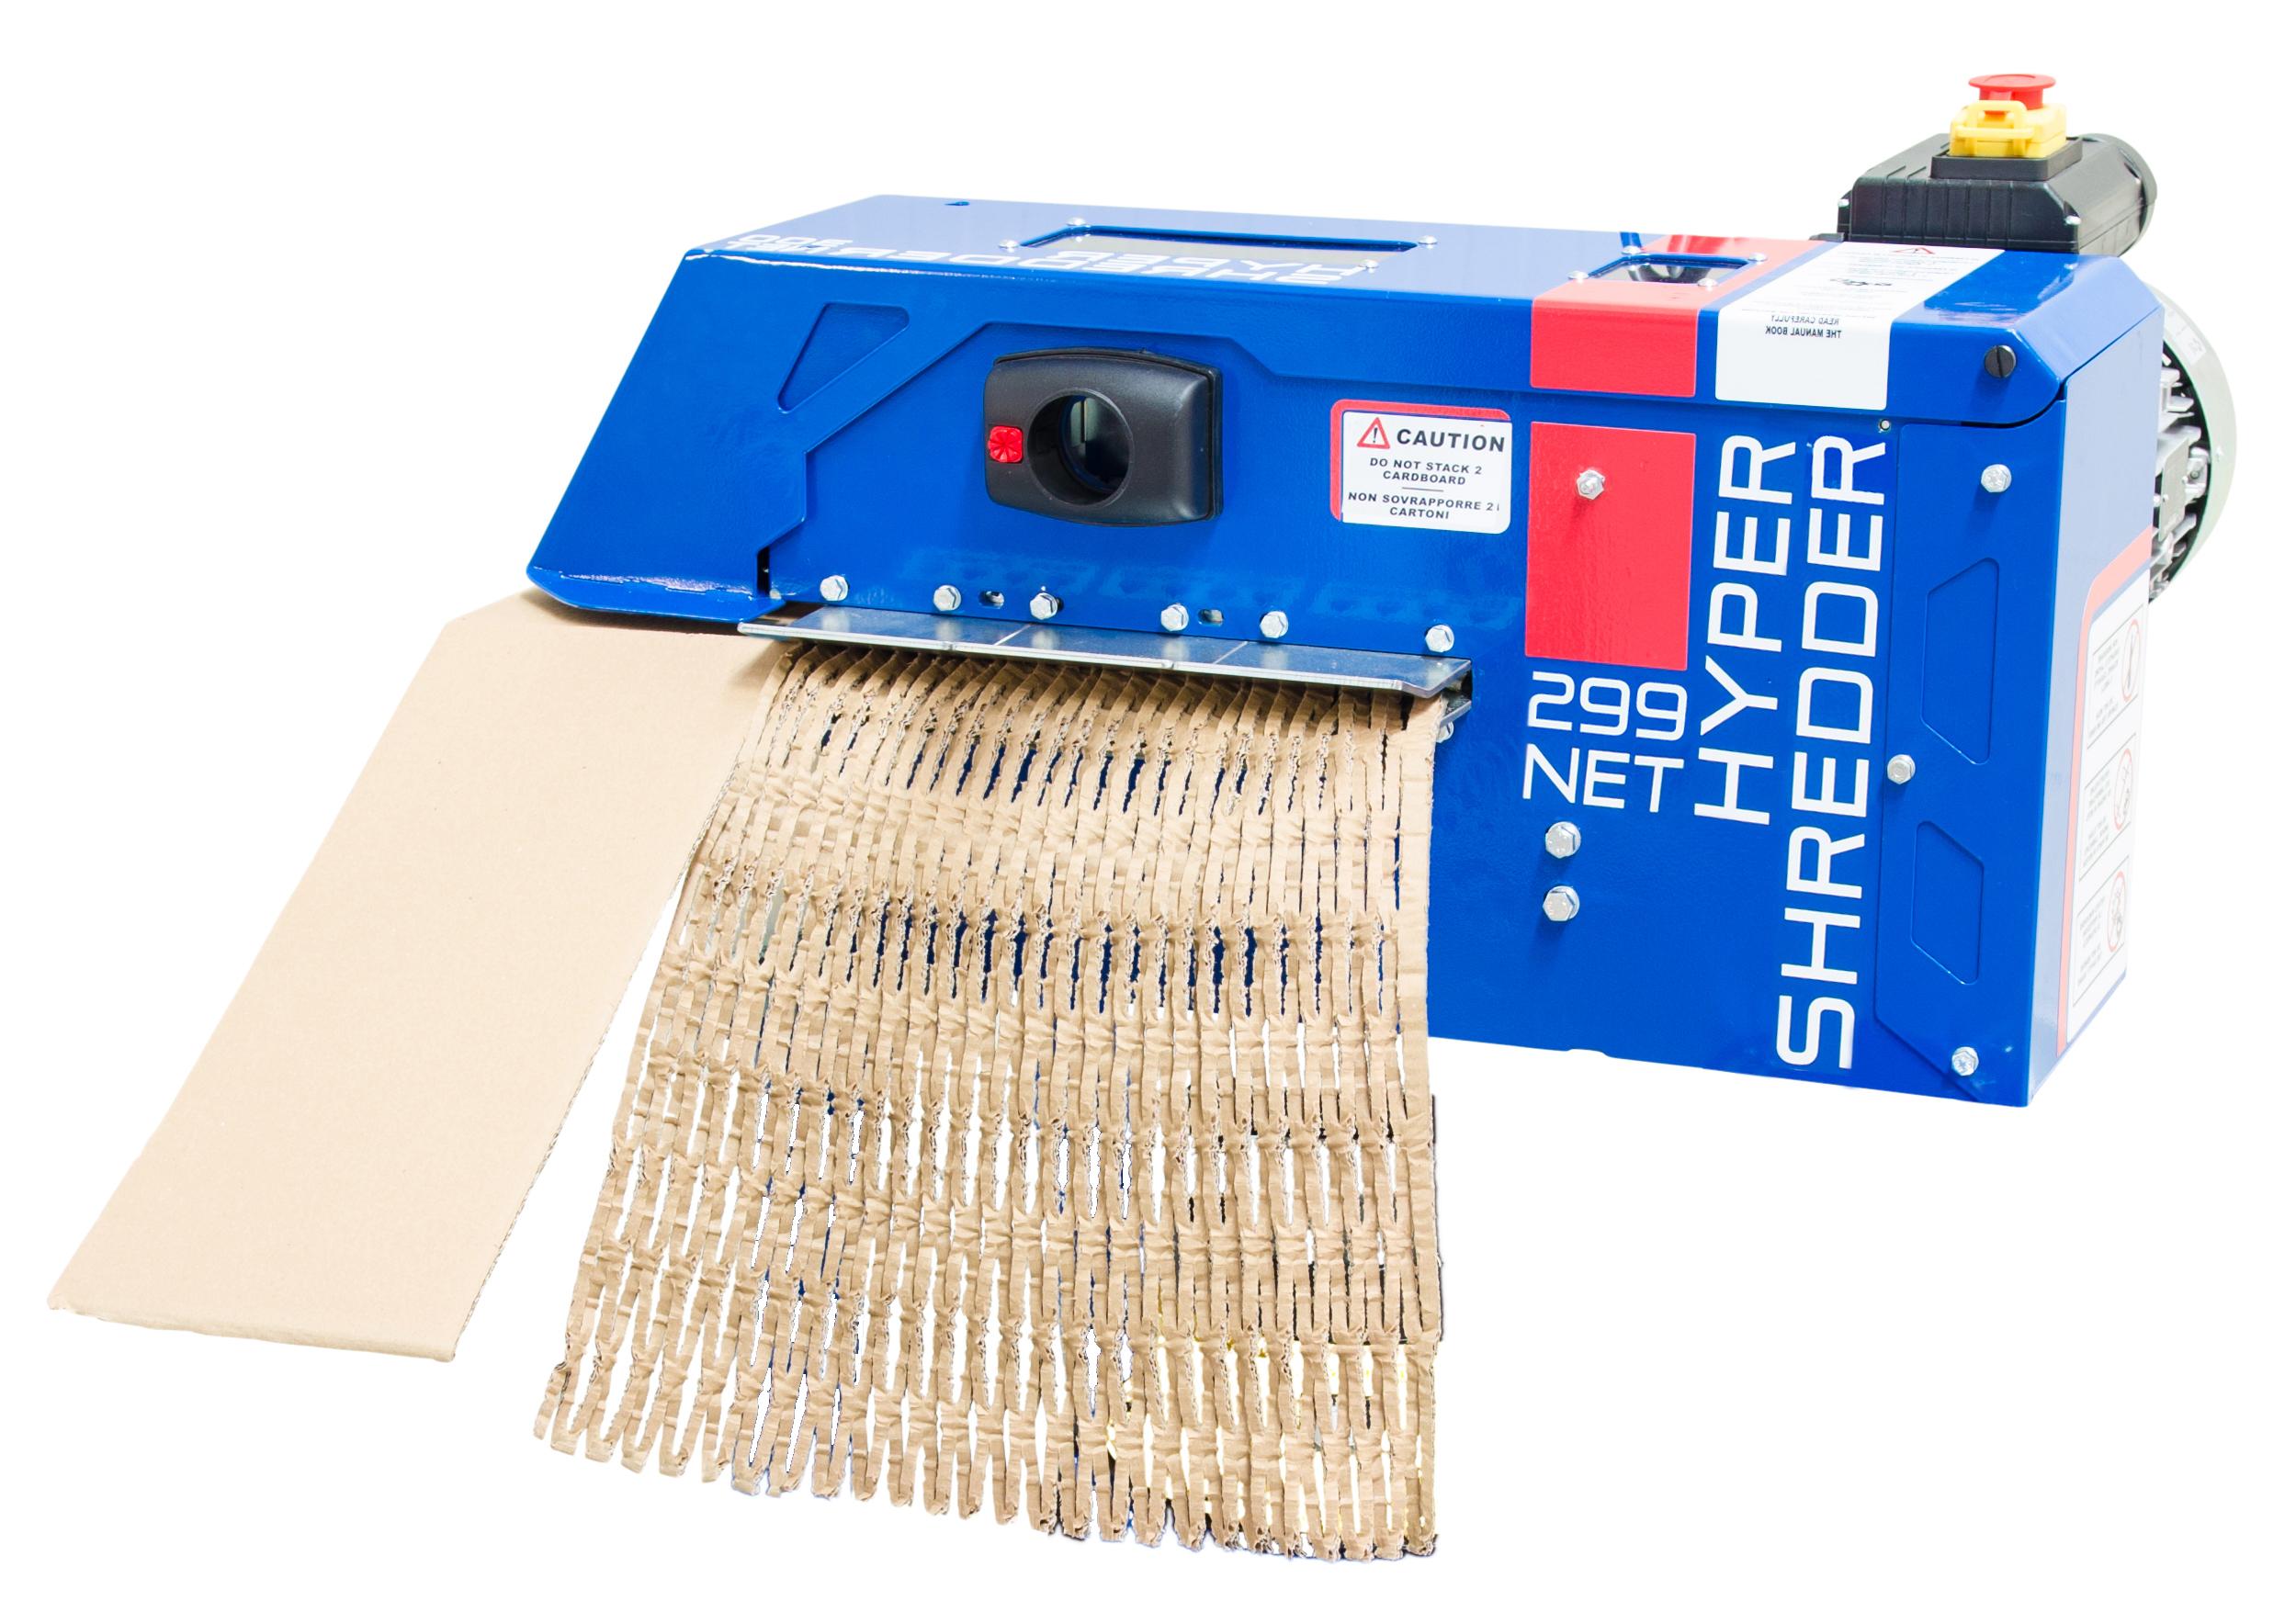 Hyper Shredders HS 299